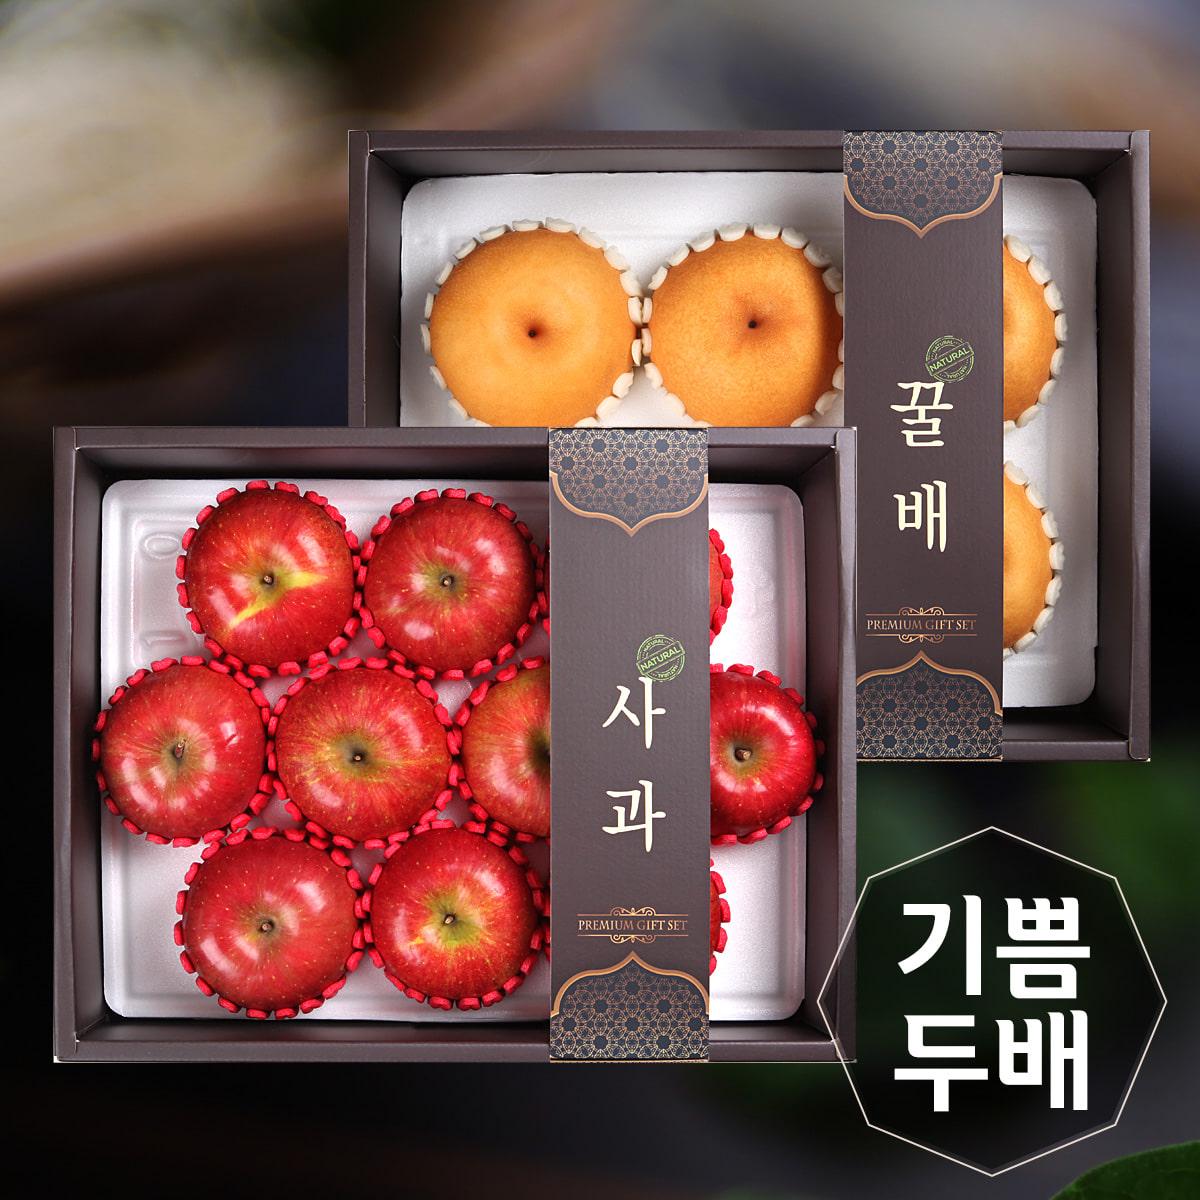 [기쁨두배]사과1박스(10개)+배1박스(6개)이식사